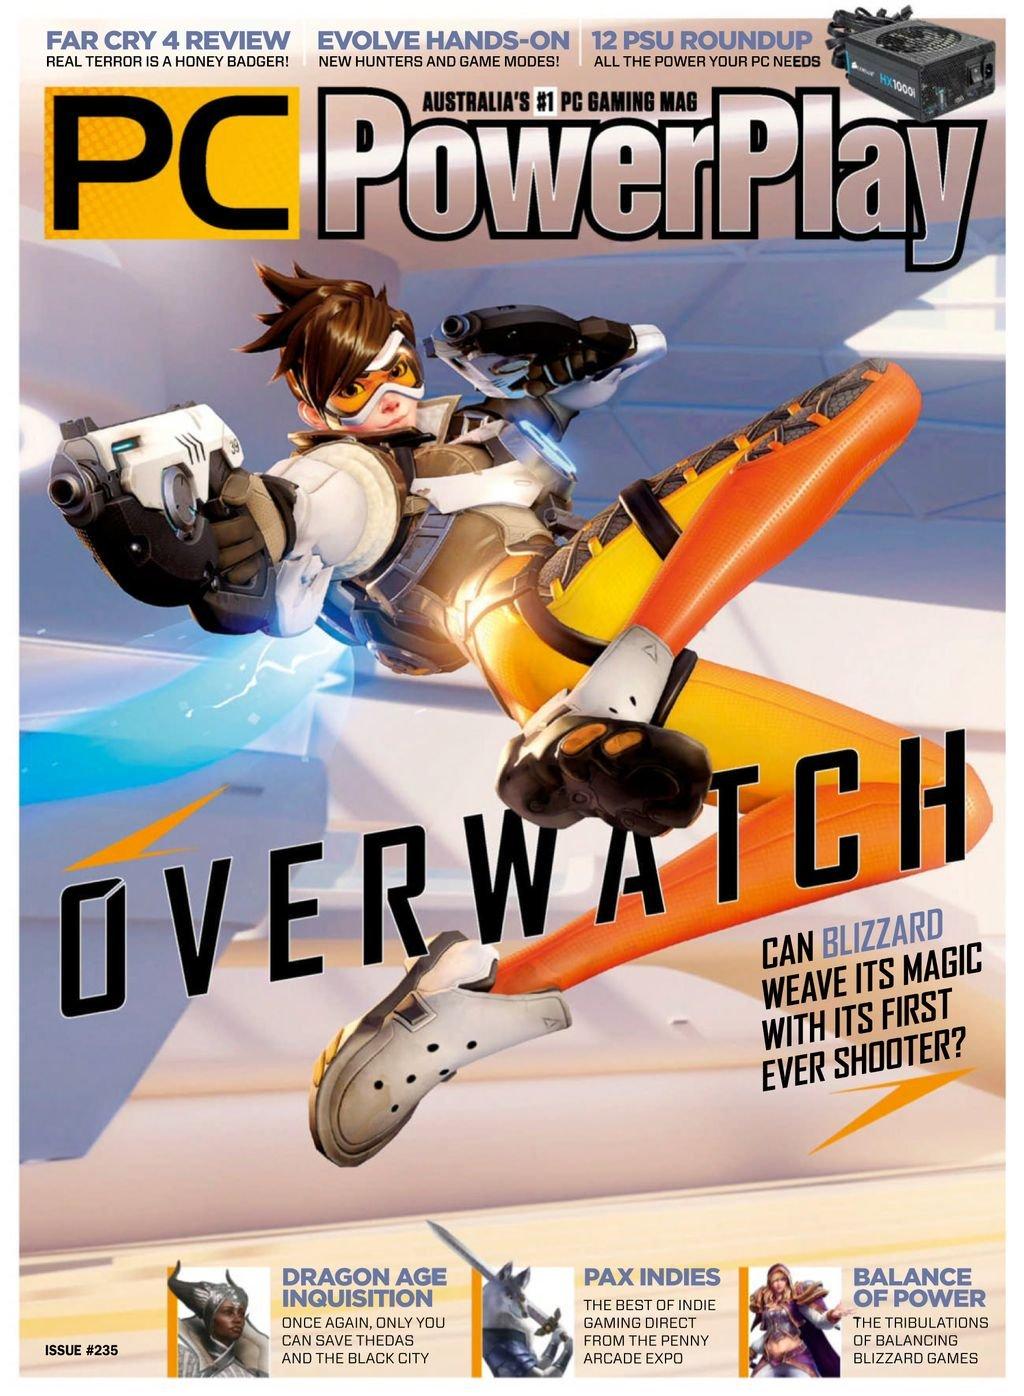 PC Powerplay 235 (January 2015)